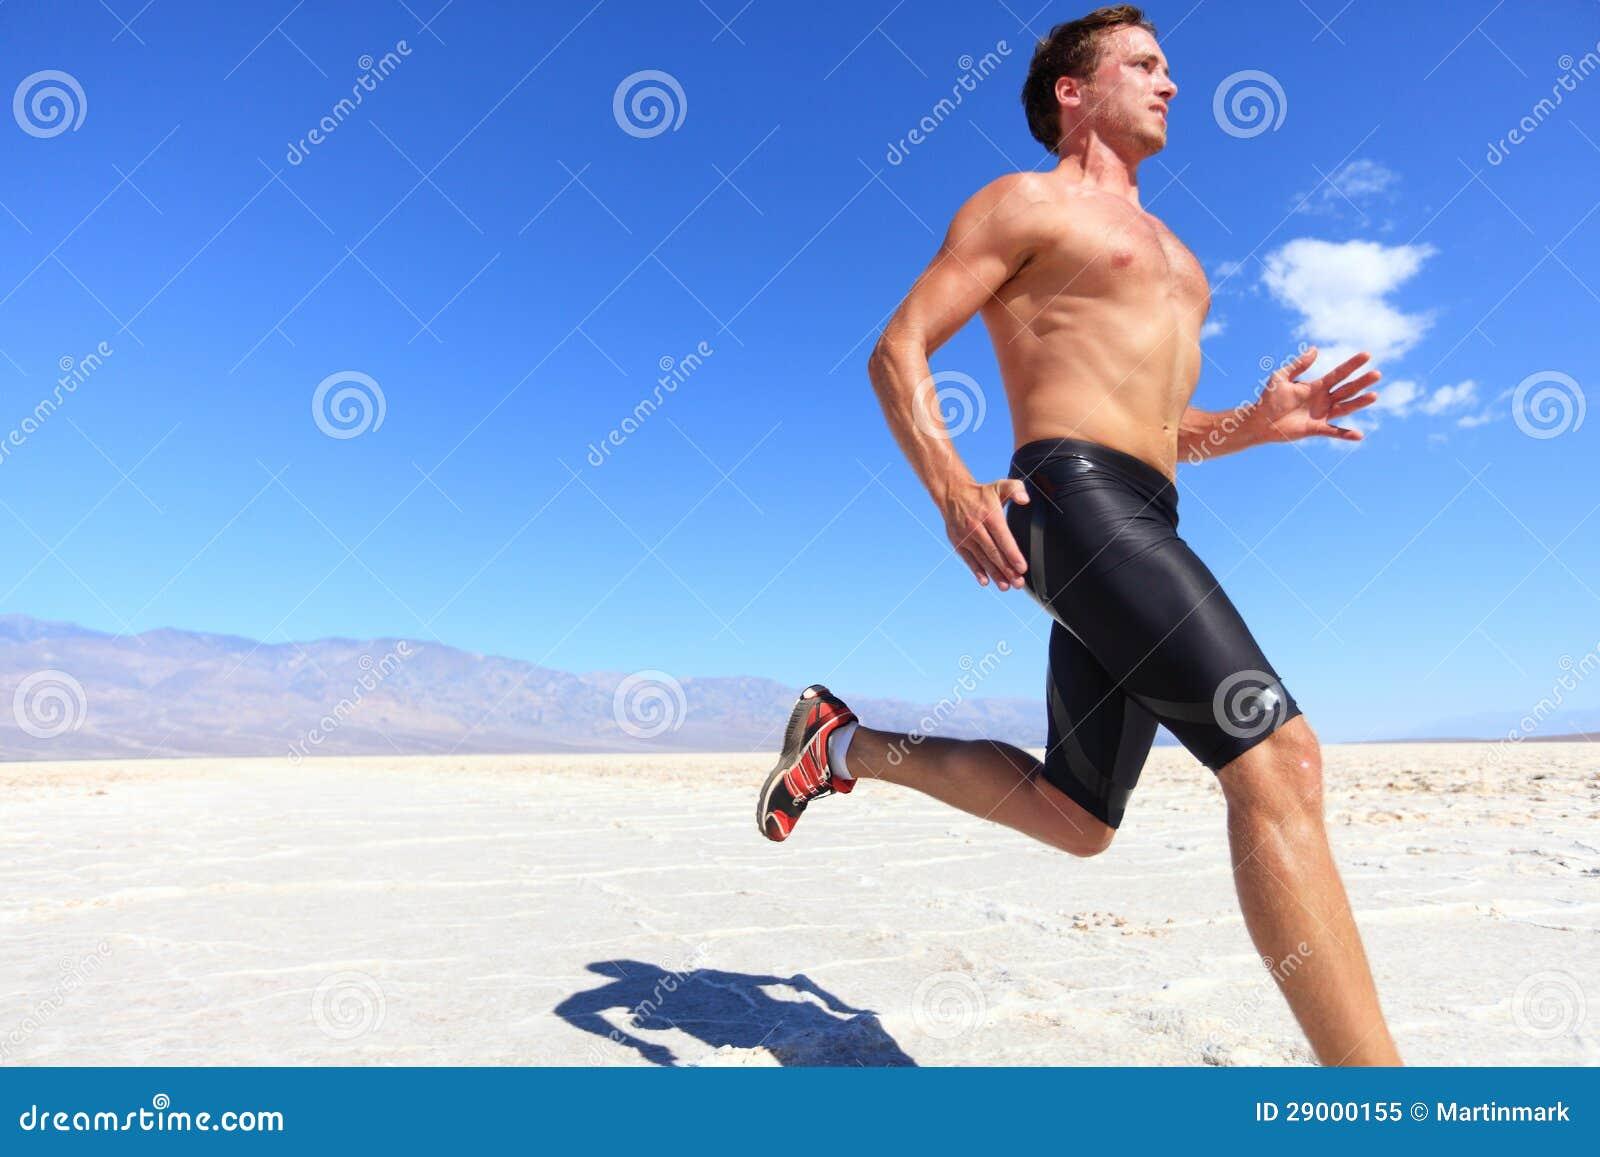 Τρέχοντας αθλητισμός αθλητών - δρομέας ικανότητας στην έρημο